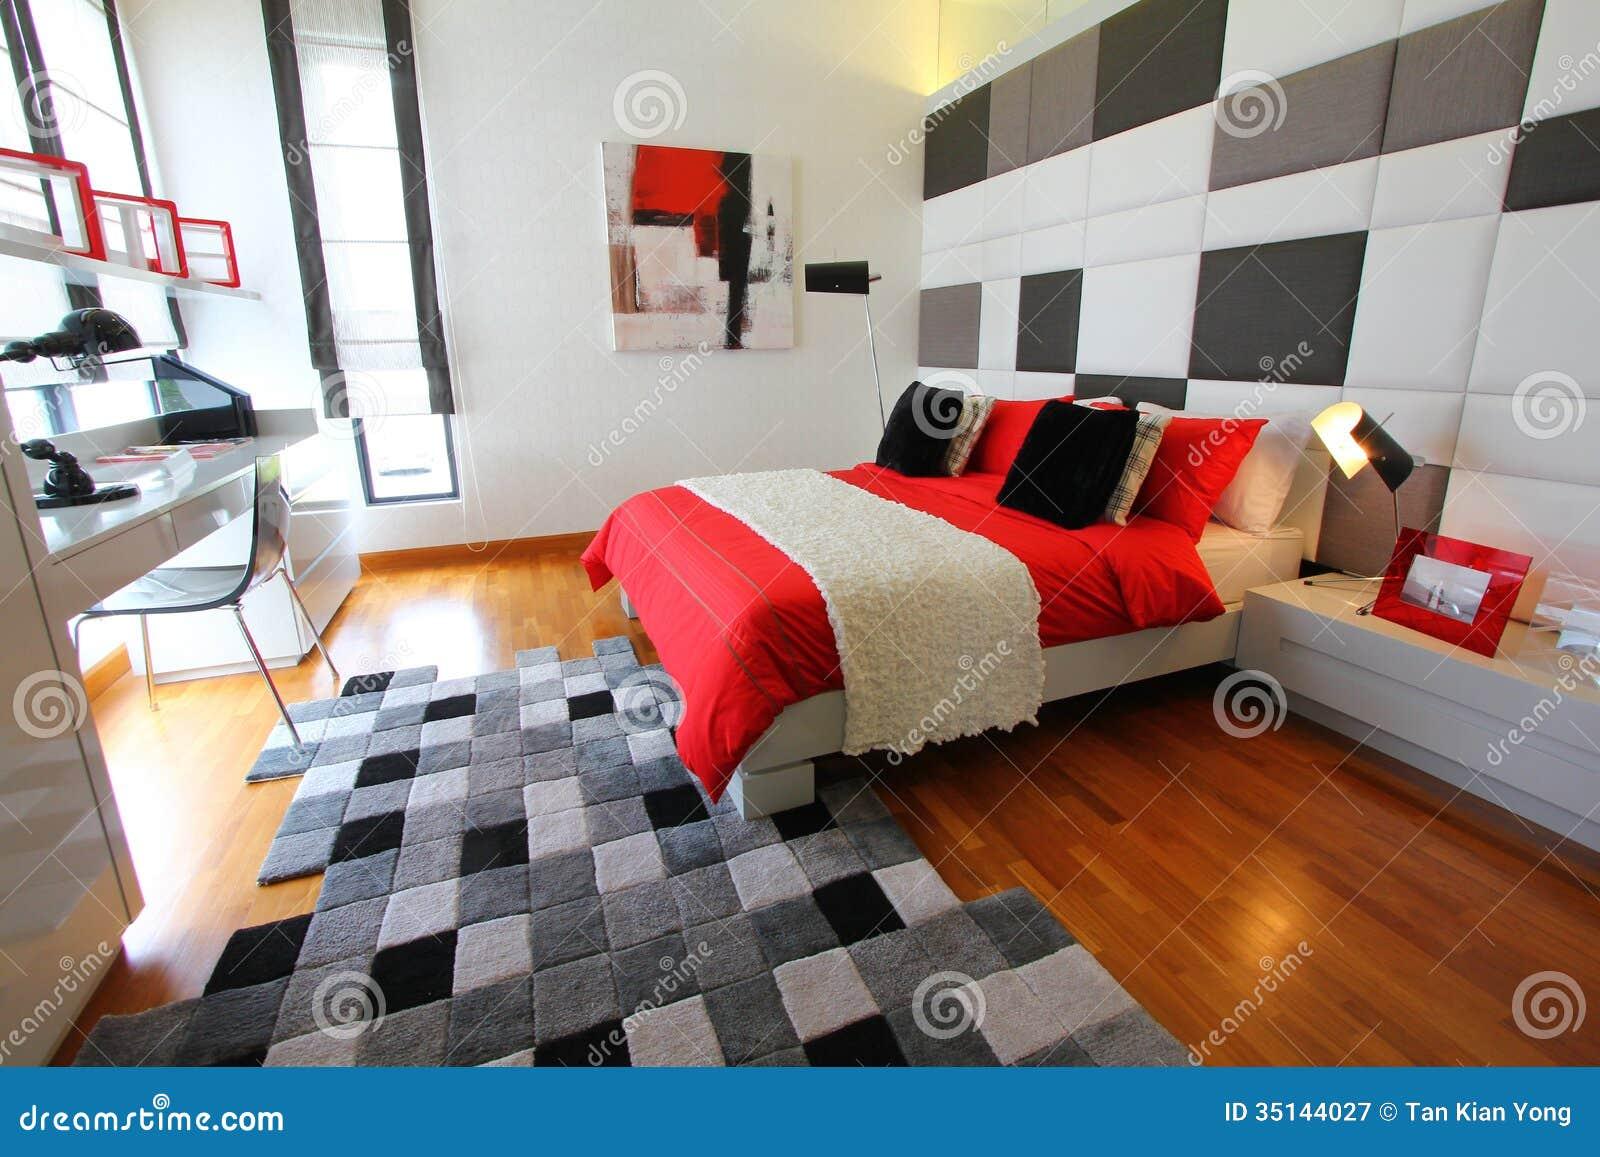 Säubern Sie Modernes Schlafzimmer Stockbild - Bild von modern ...